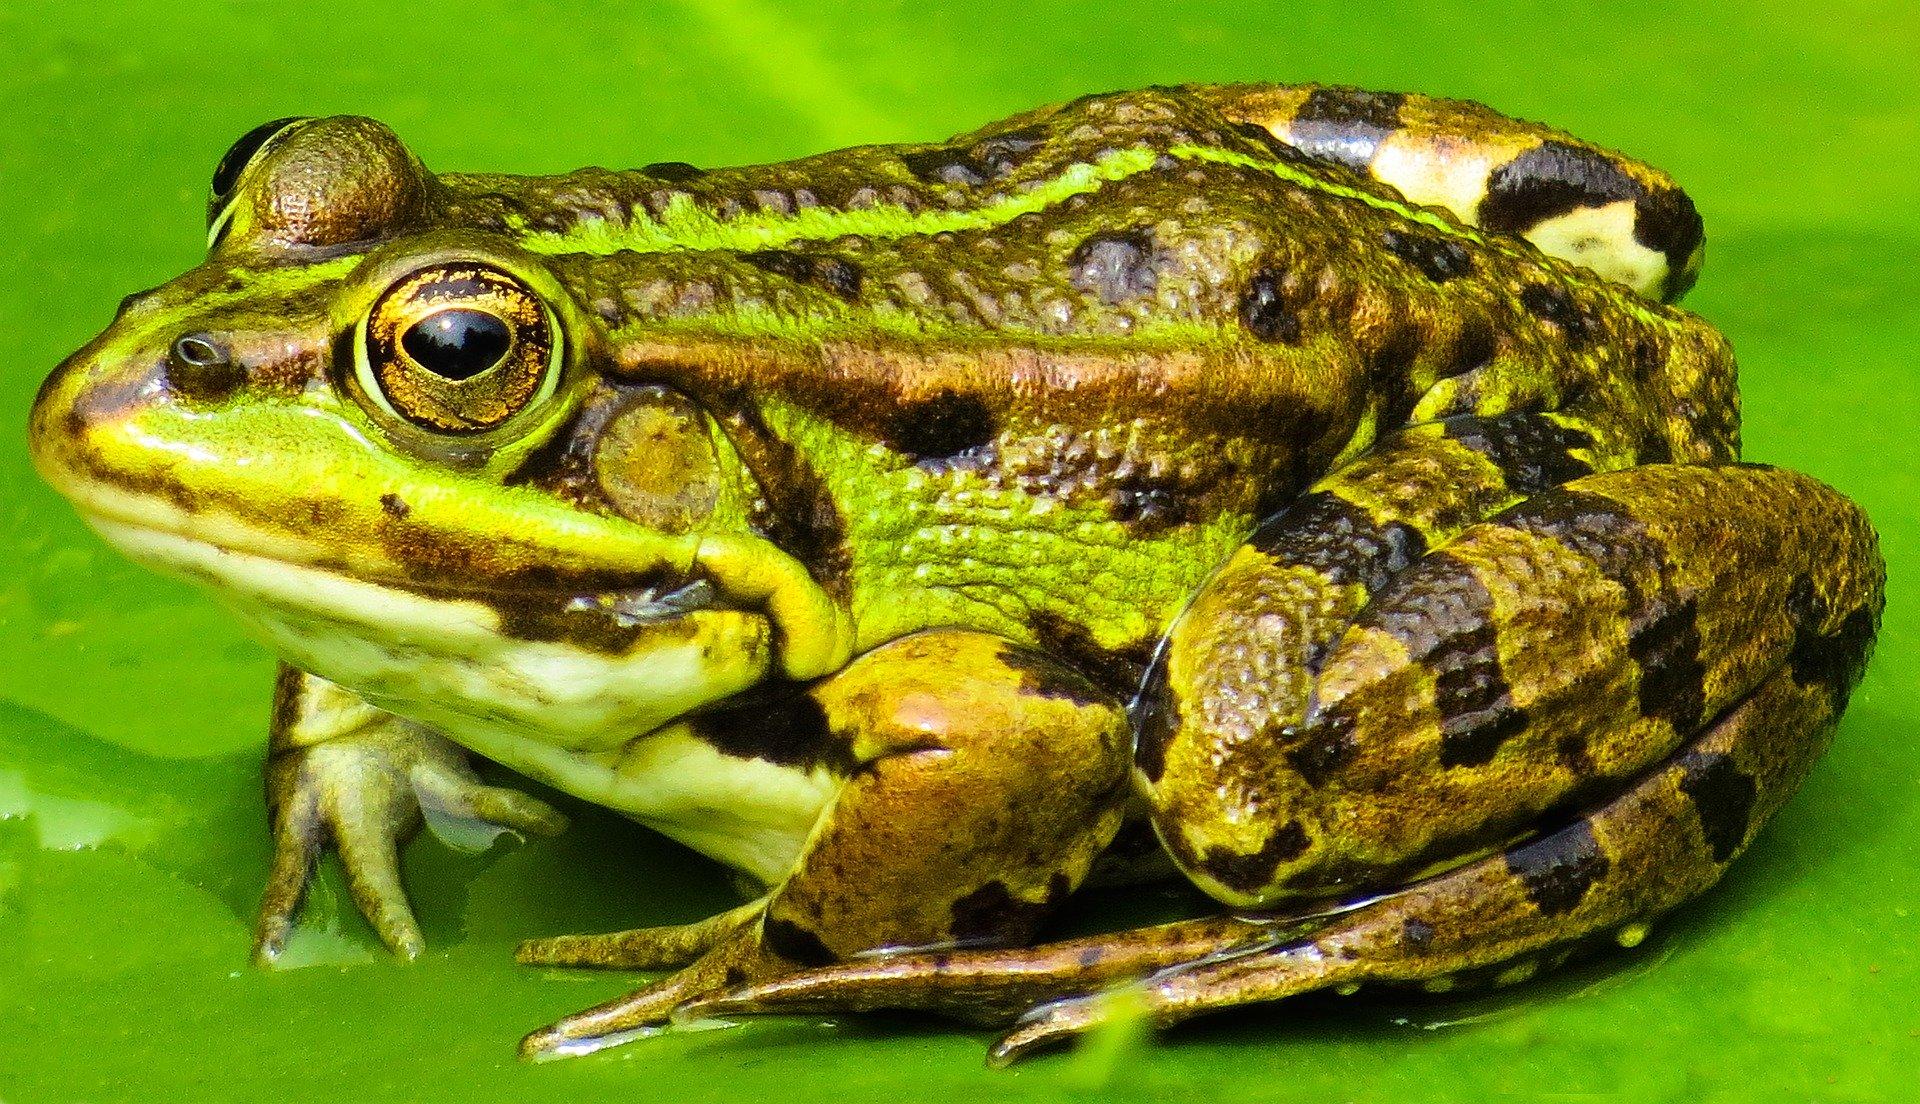 La rana común se caracteriza por tener una línea dorsal en color claro que atraviesa su cuerpo.